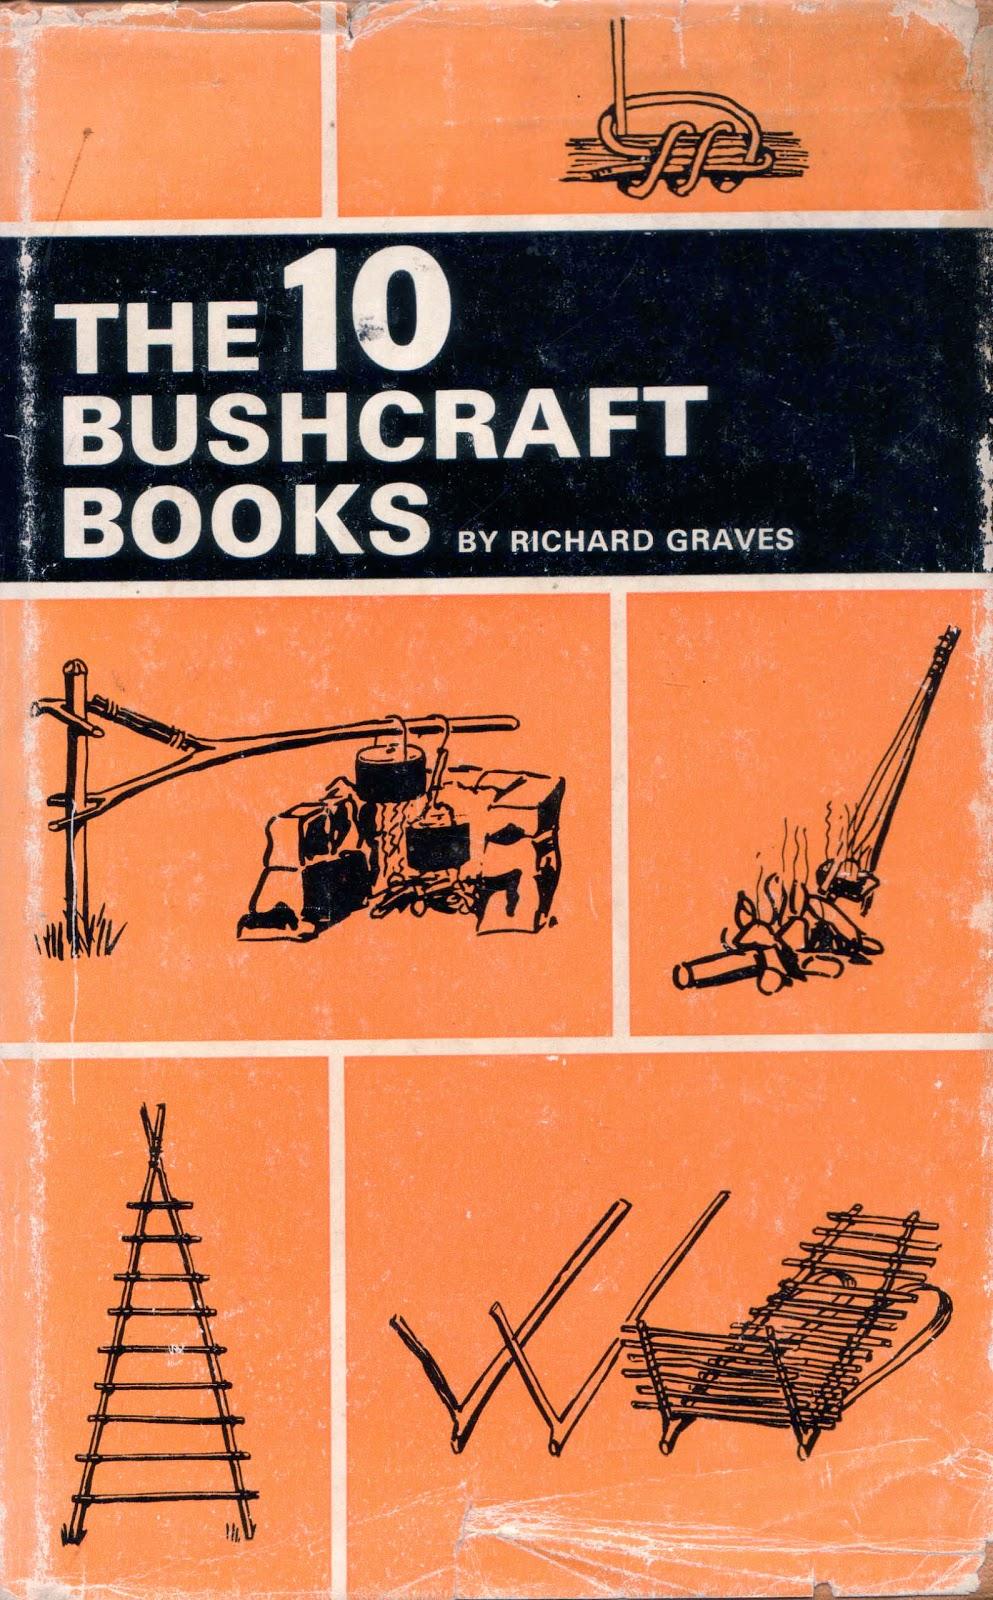 Richard Harry Graves